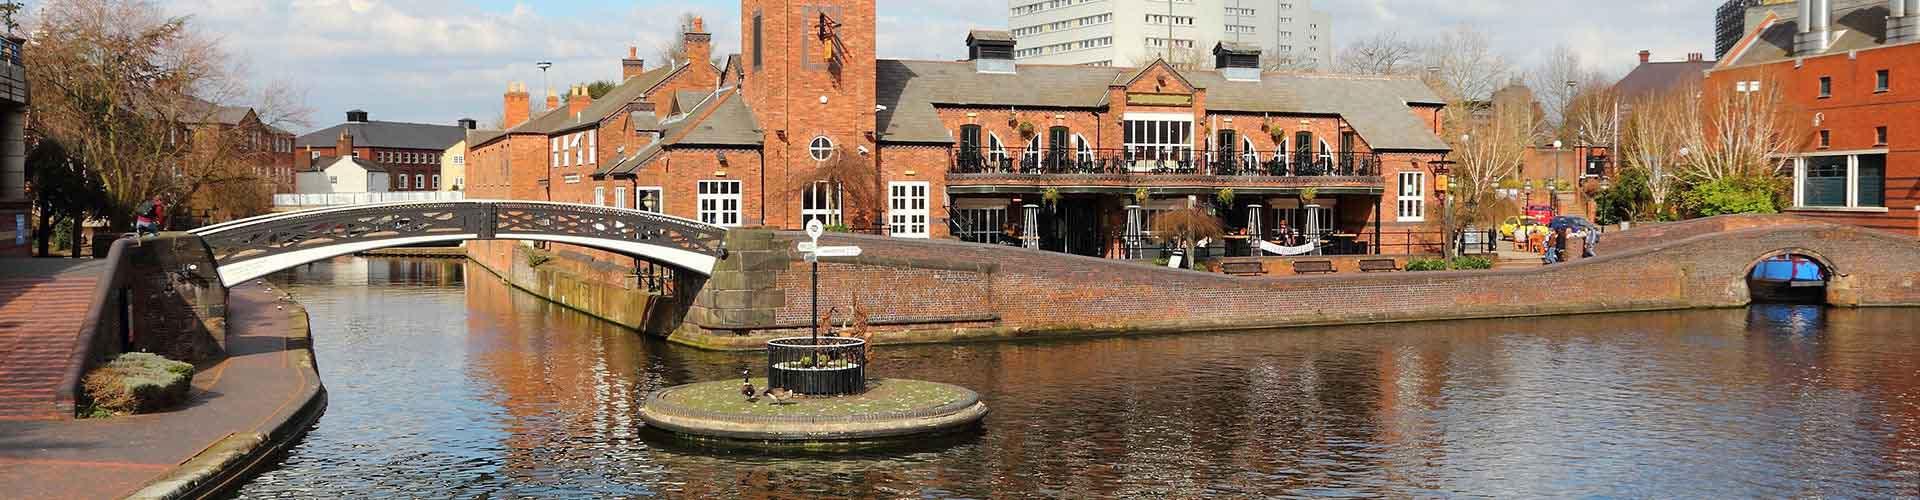 버밍엄 - Aston지역에 위치한 호스텔. 버밍엄의 지도, 버밍엄에 위치한 호스텔에 대한 사진 및 리뷰.